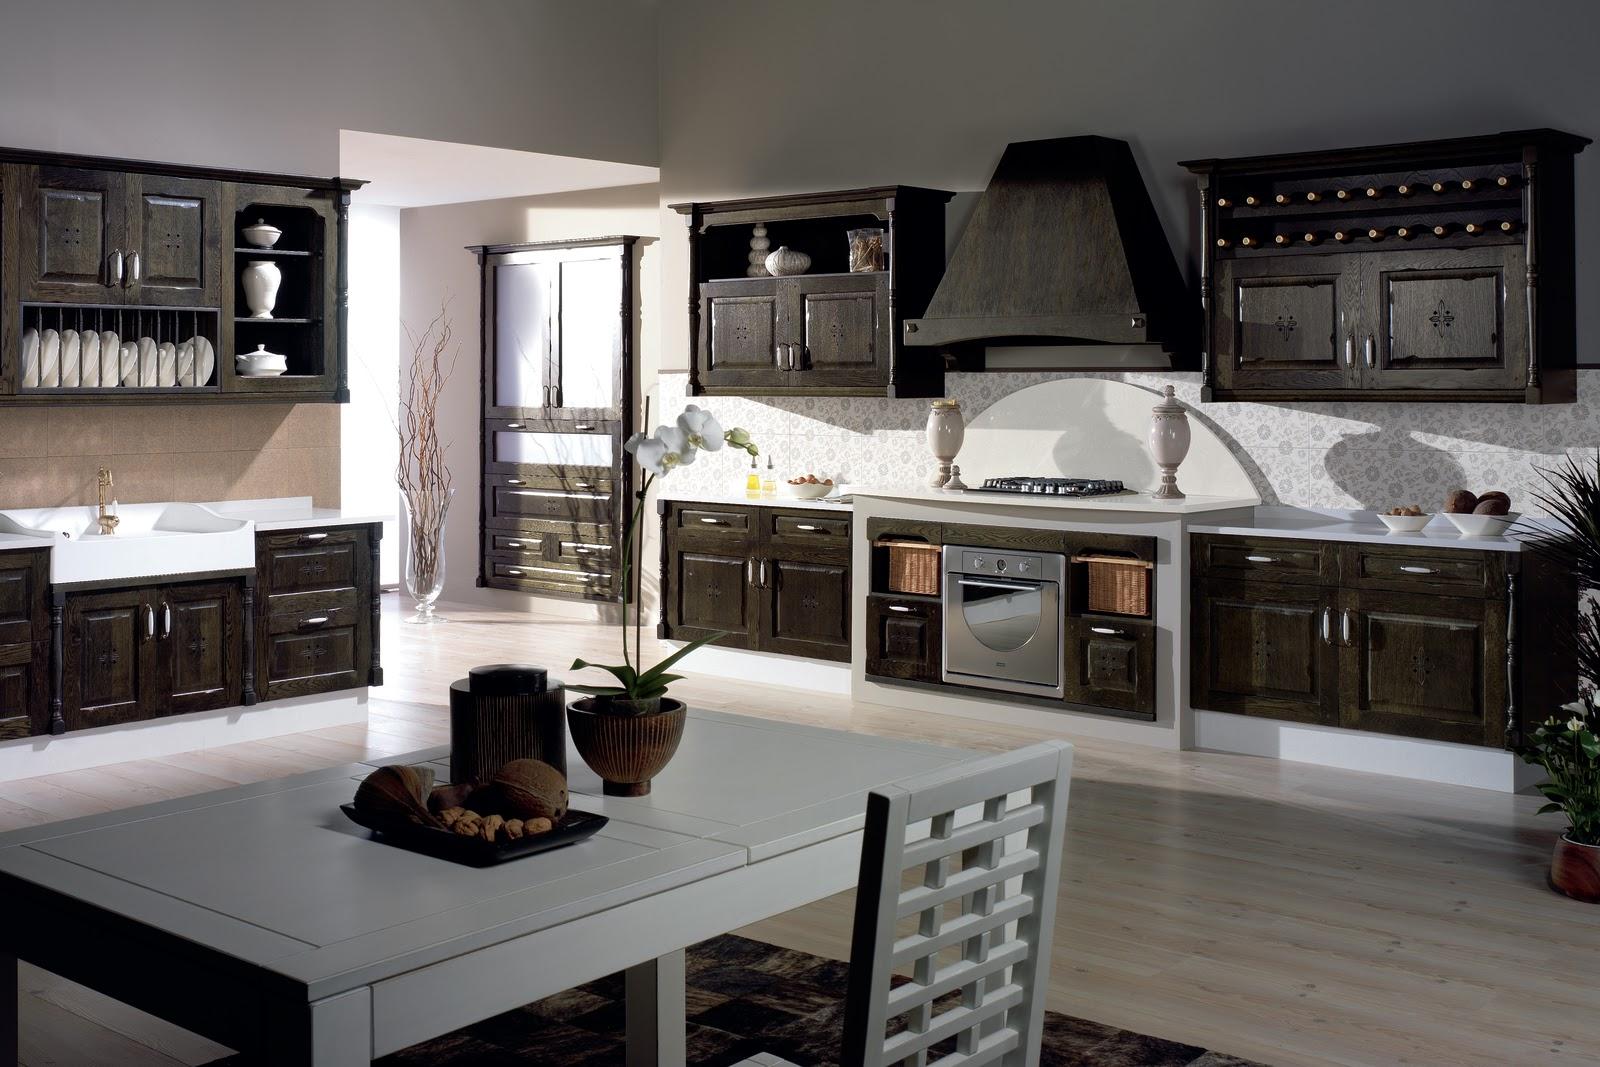 Dise a tu cocina pasos para dise ar tu cocina - Disenar tu cocina ...